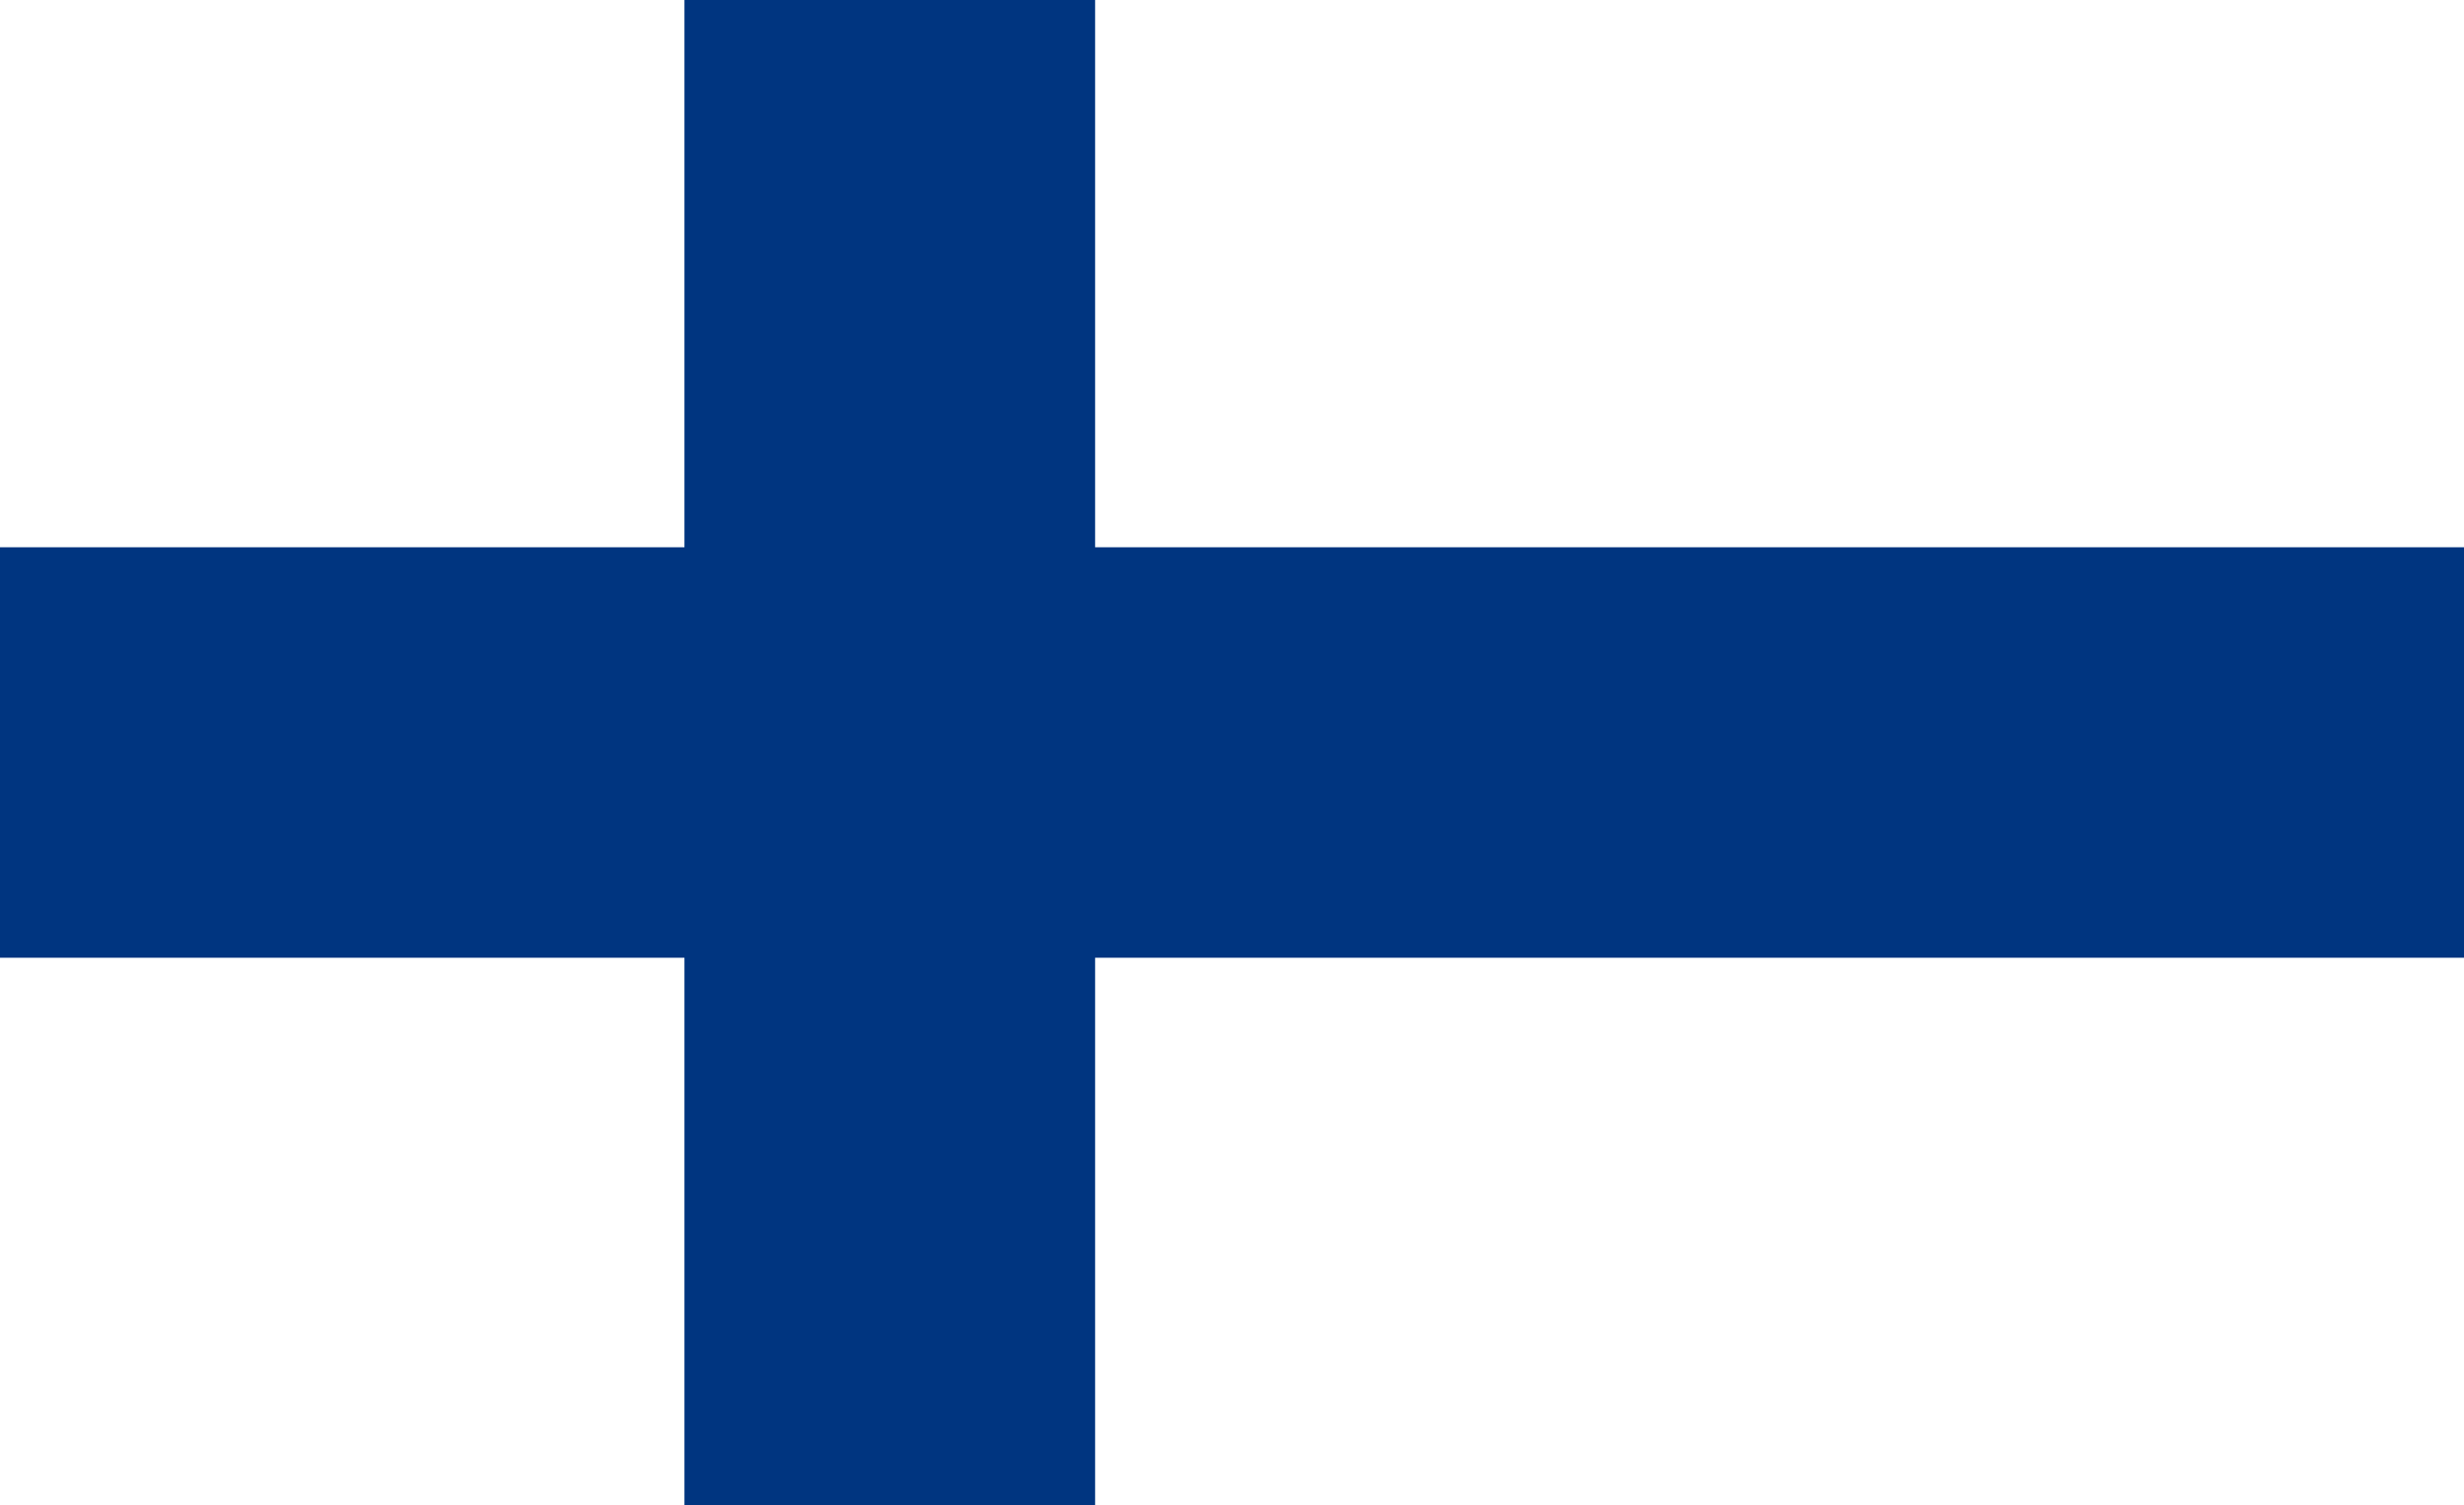 Finlândia, país, Brasão de armas, logotipo, símbolo - Papéis de parede HD - Professor-falken.com